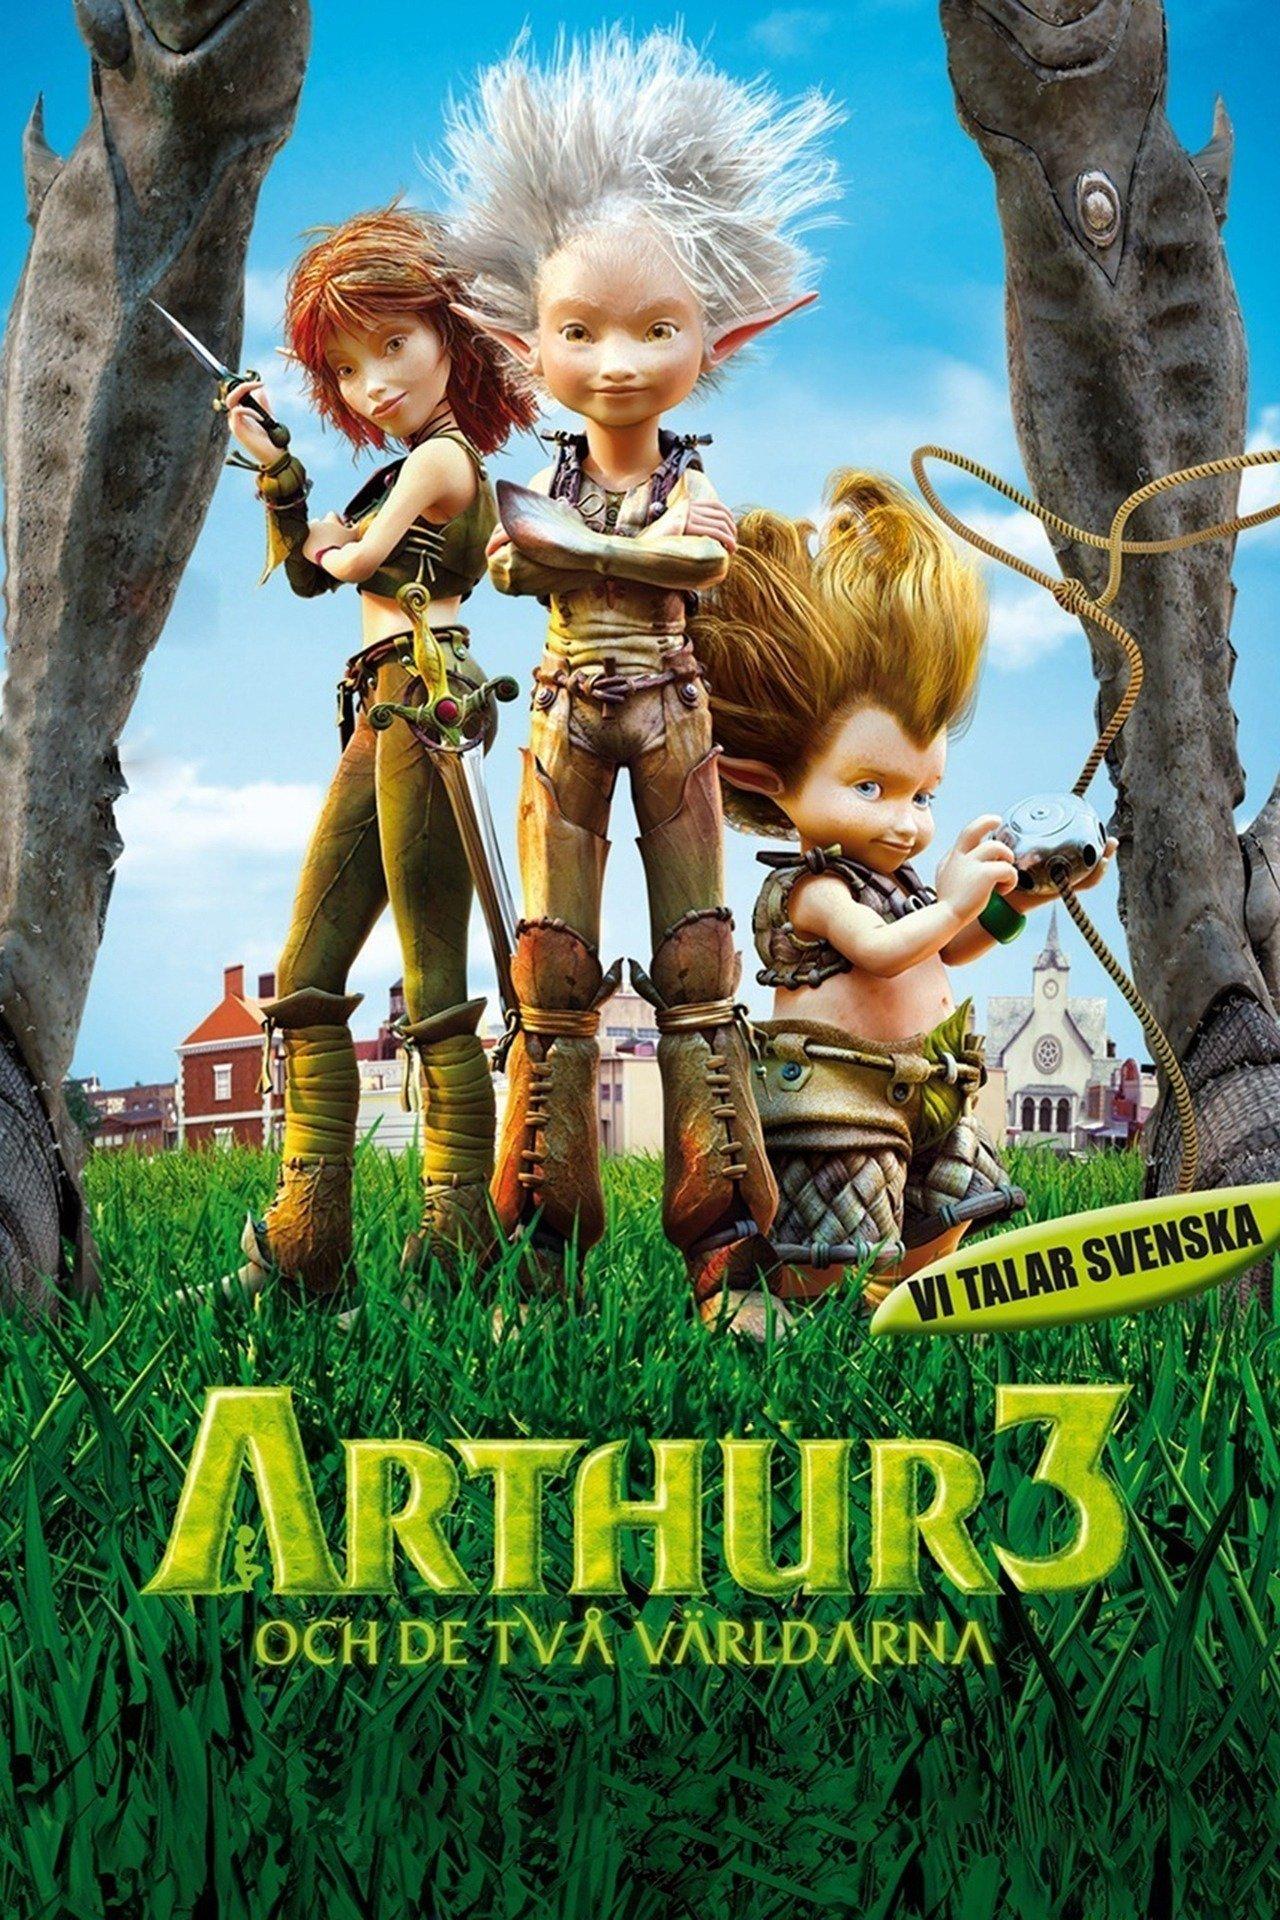 Arthur 3 - De två världarna